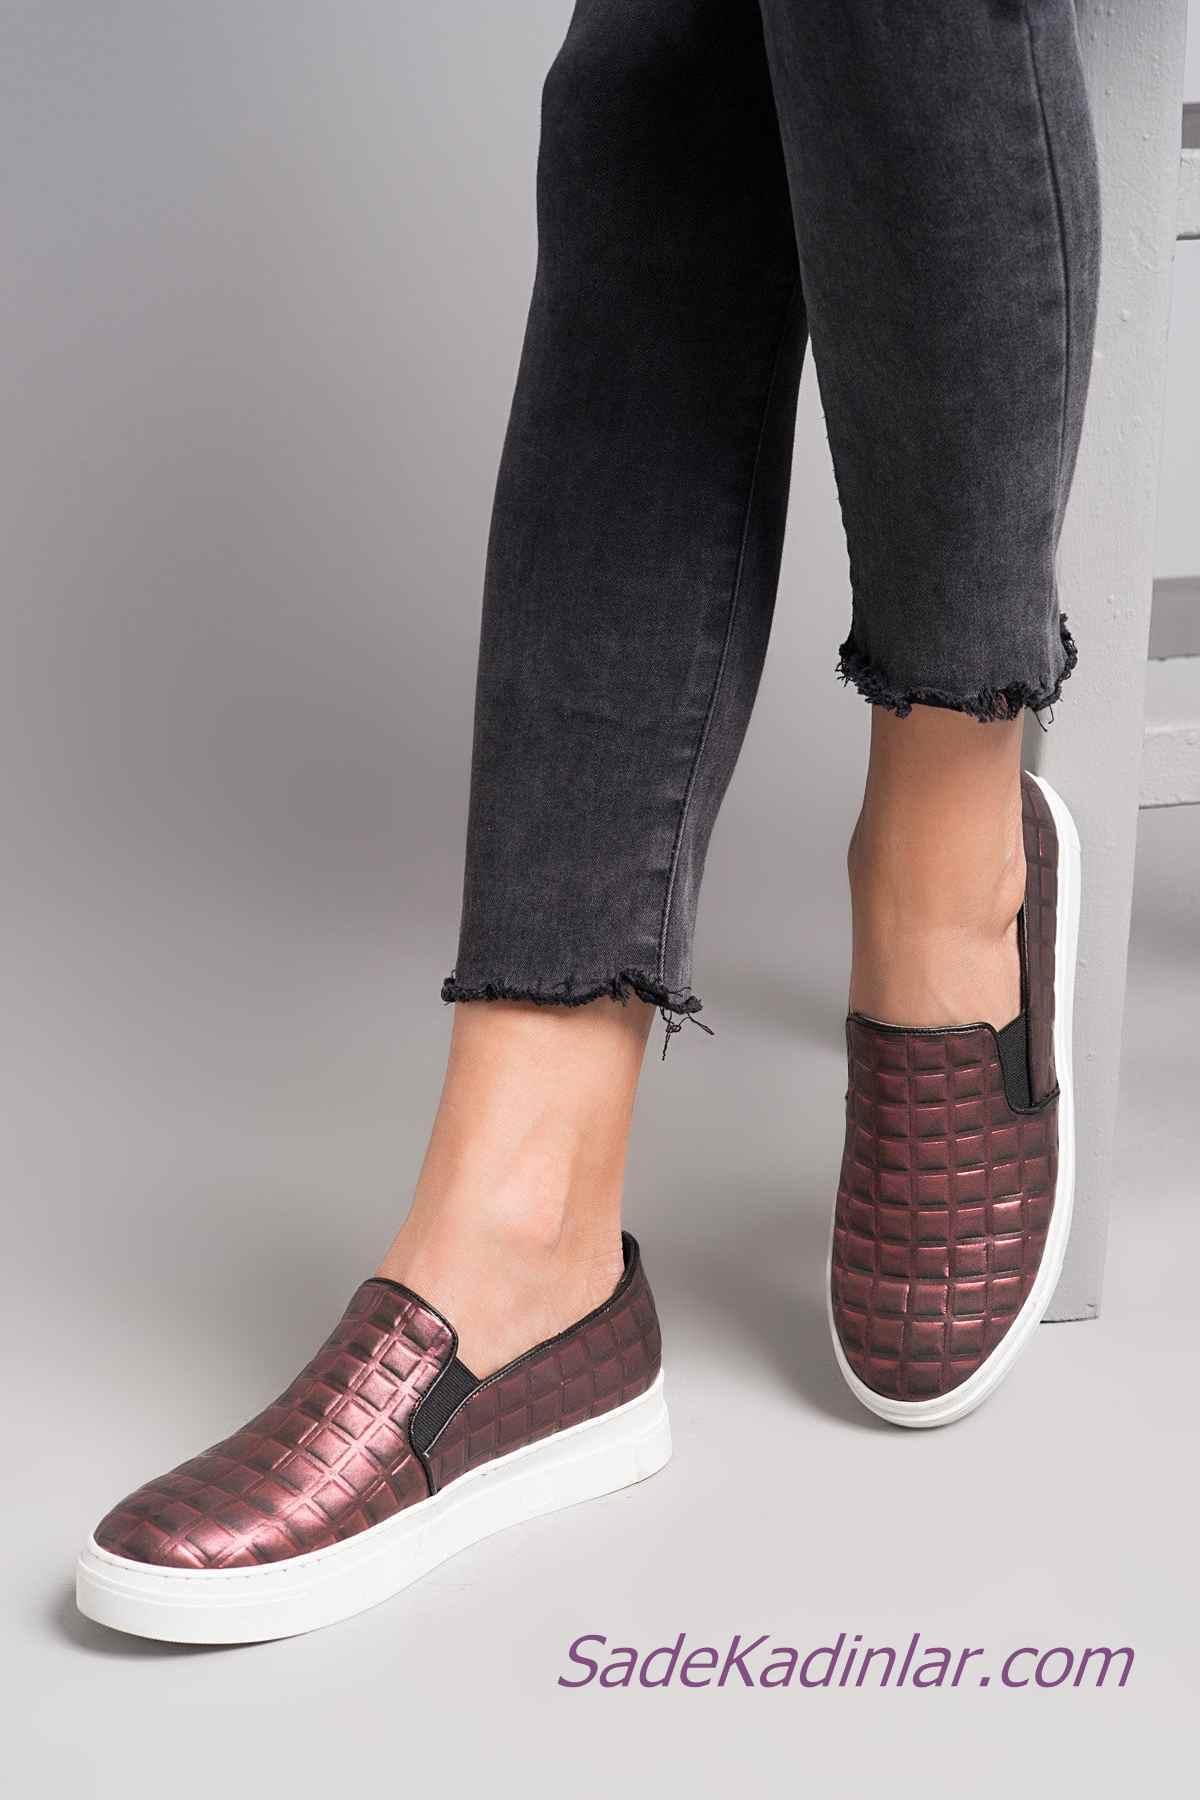 Sneakers Bayan Spor Ayakkabı Modelleri Bordo Lastikli Kare Desenli